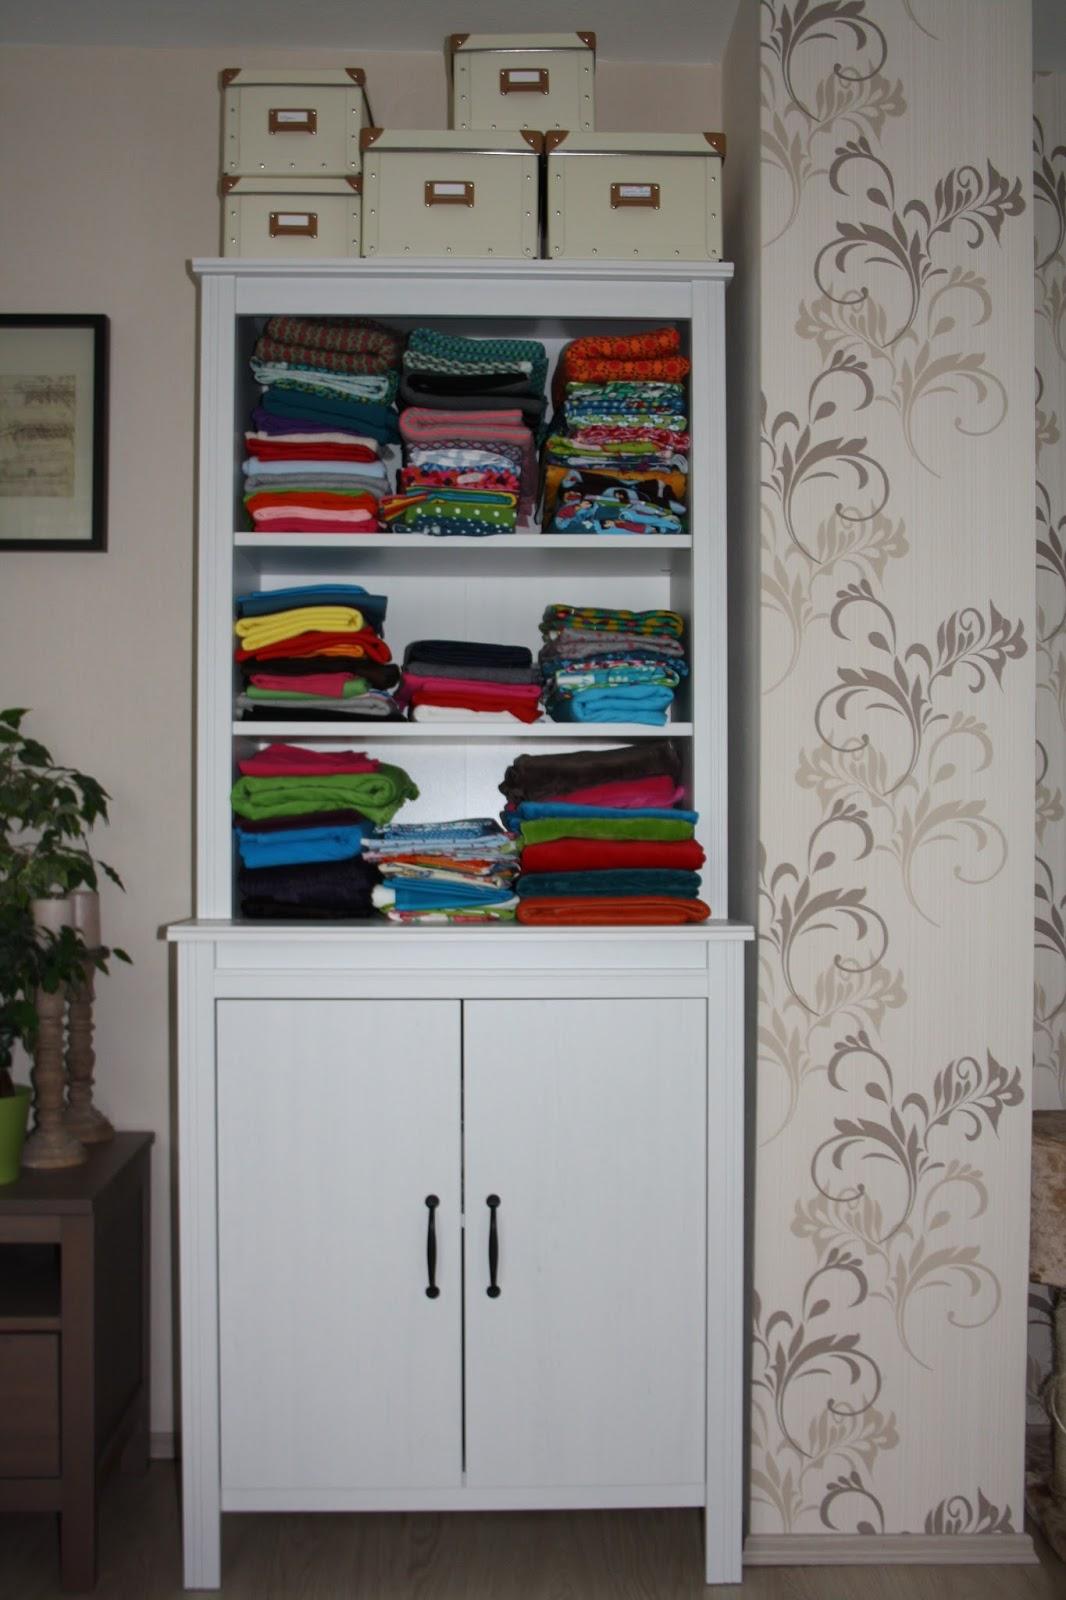 madebymei freu mein neuer schrank f r meine n hsch tze und meine maschinchen. Black Bedroom Furniture Sets. Home Design Ideas